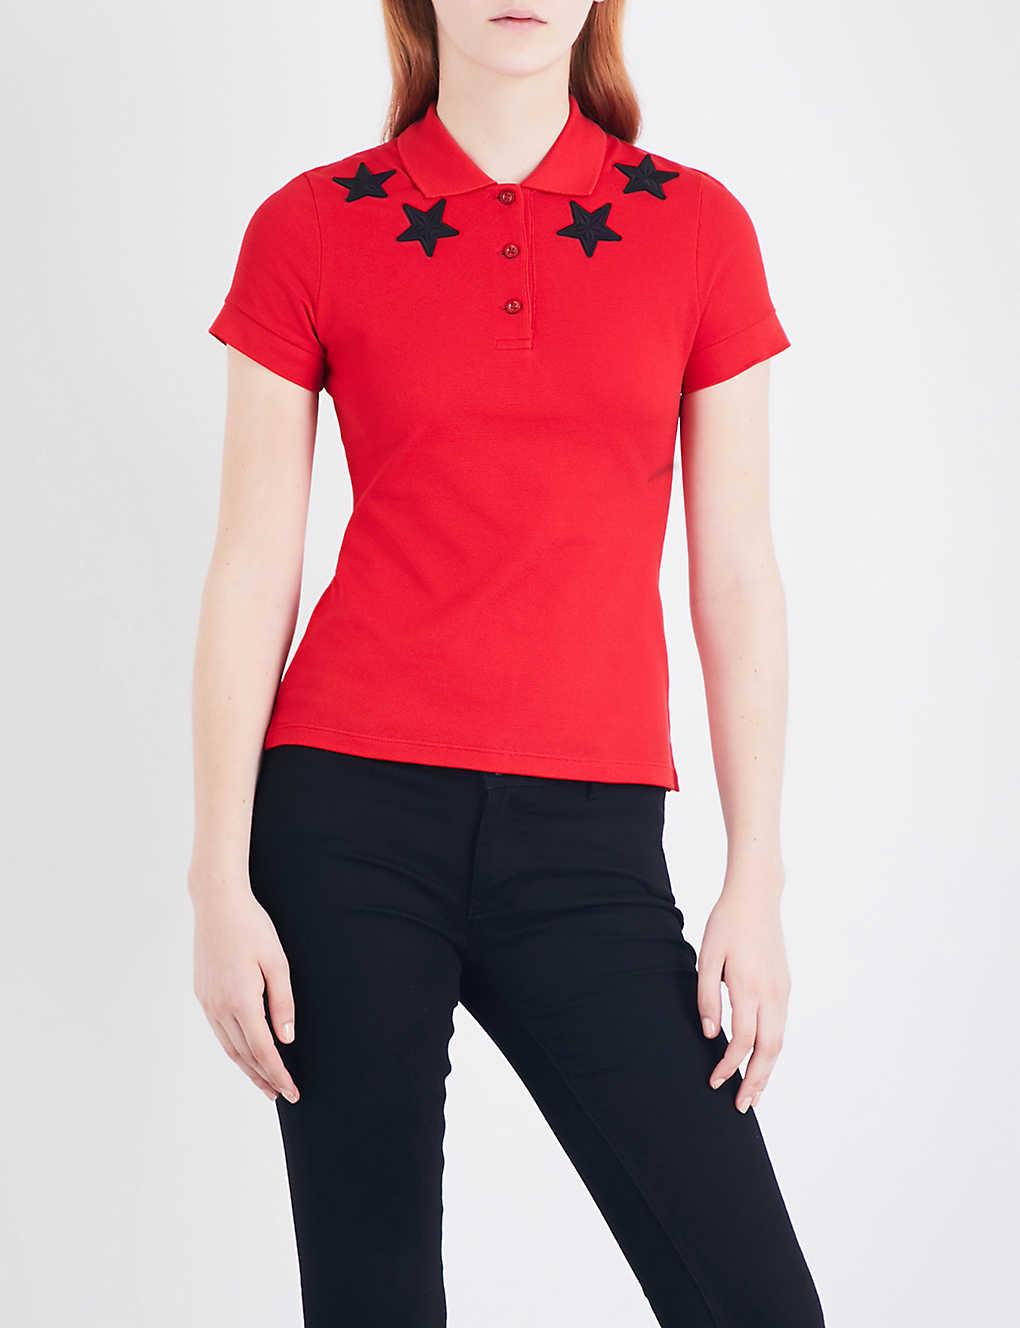 e08fd6512b095 GIVENCHY - Star-embroidered cotton-piqué polo top